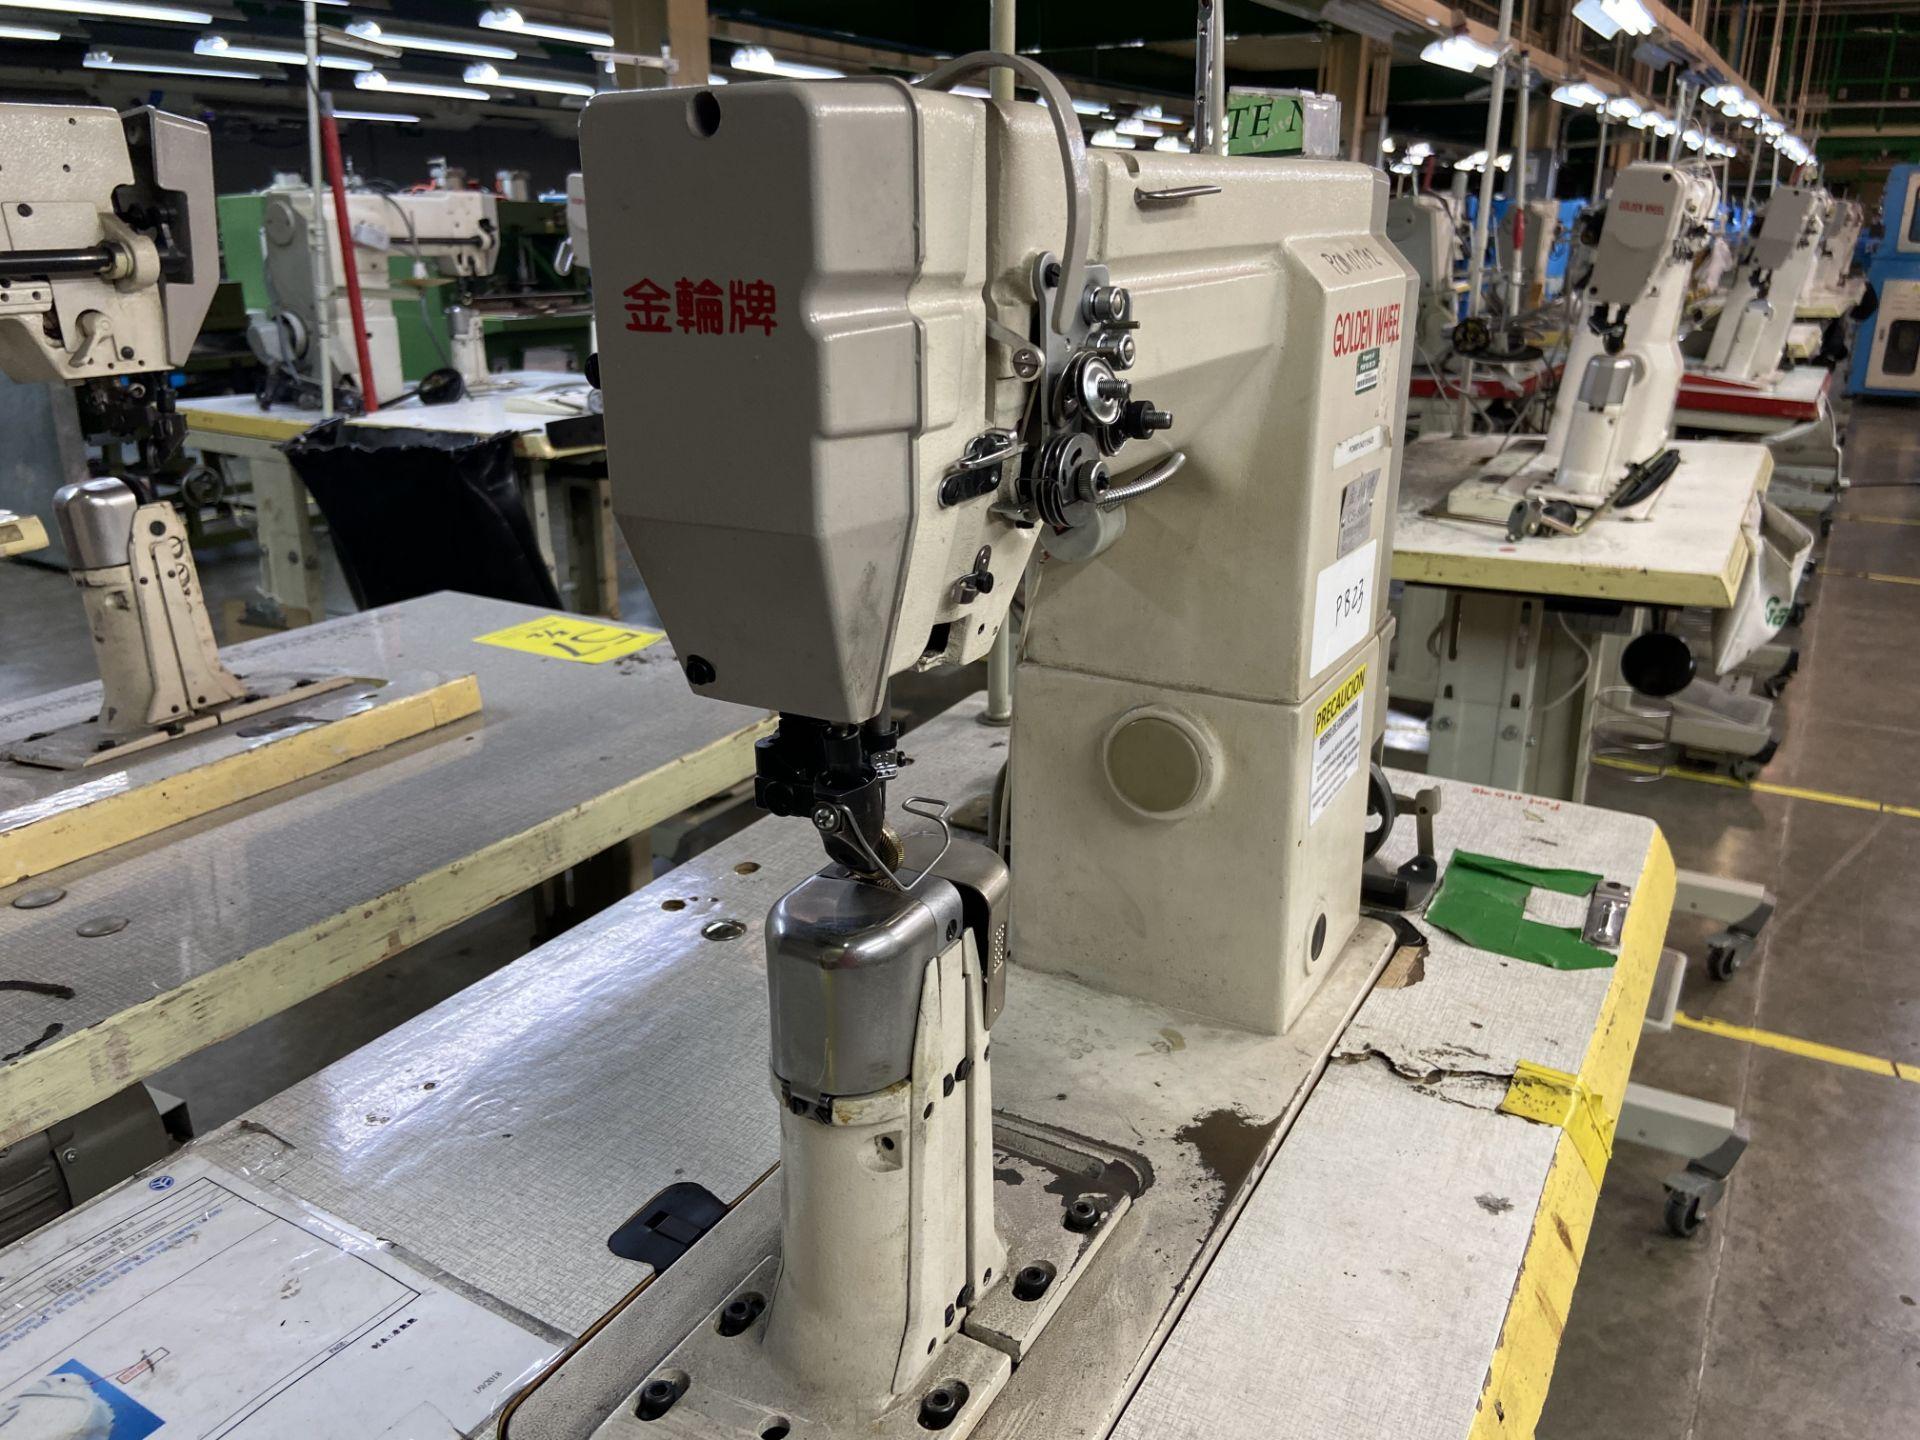 Lot 57 - (2) Máquinas de costura marca Golden Wheel de una y dos agujas